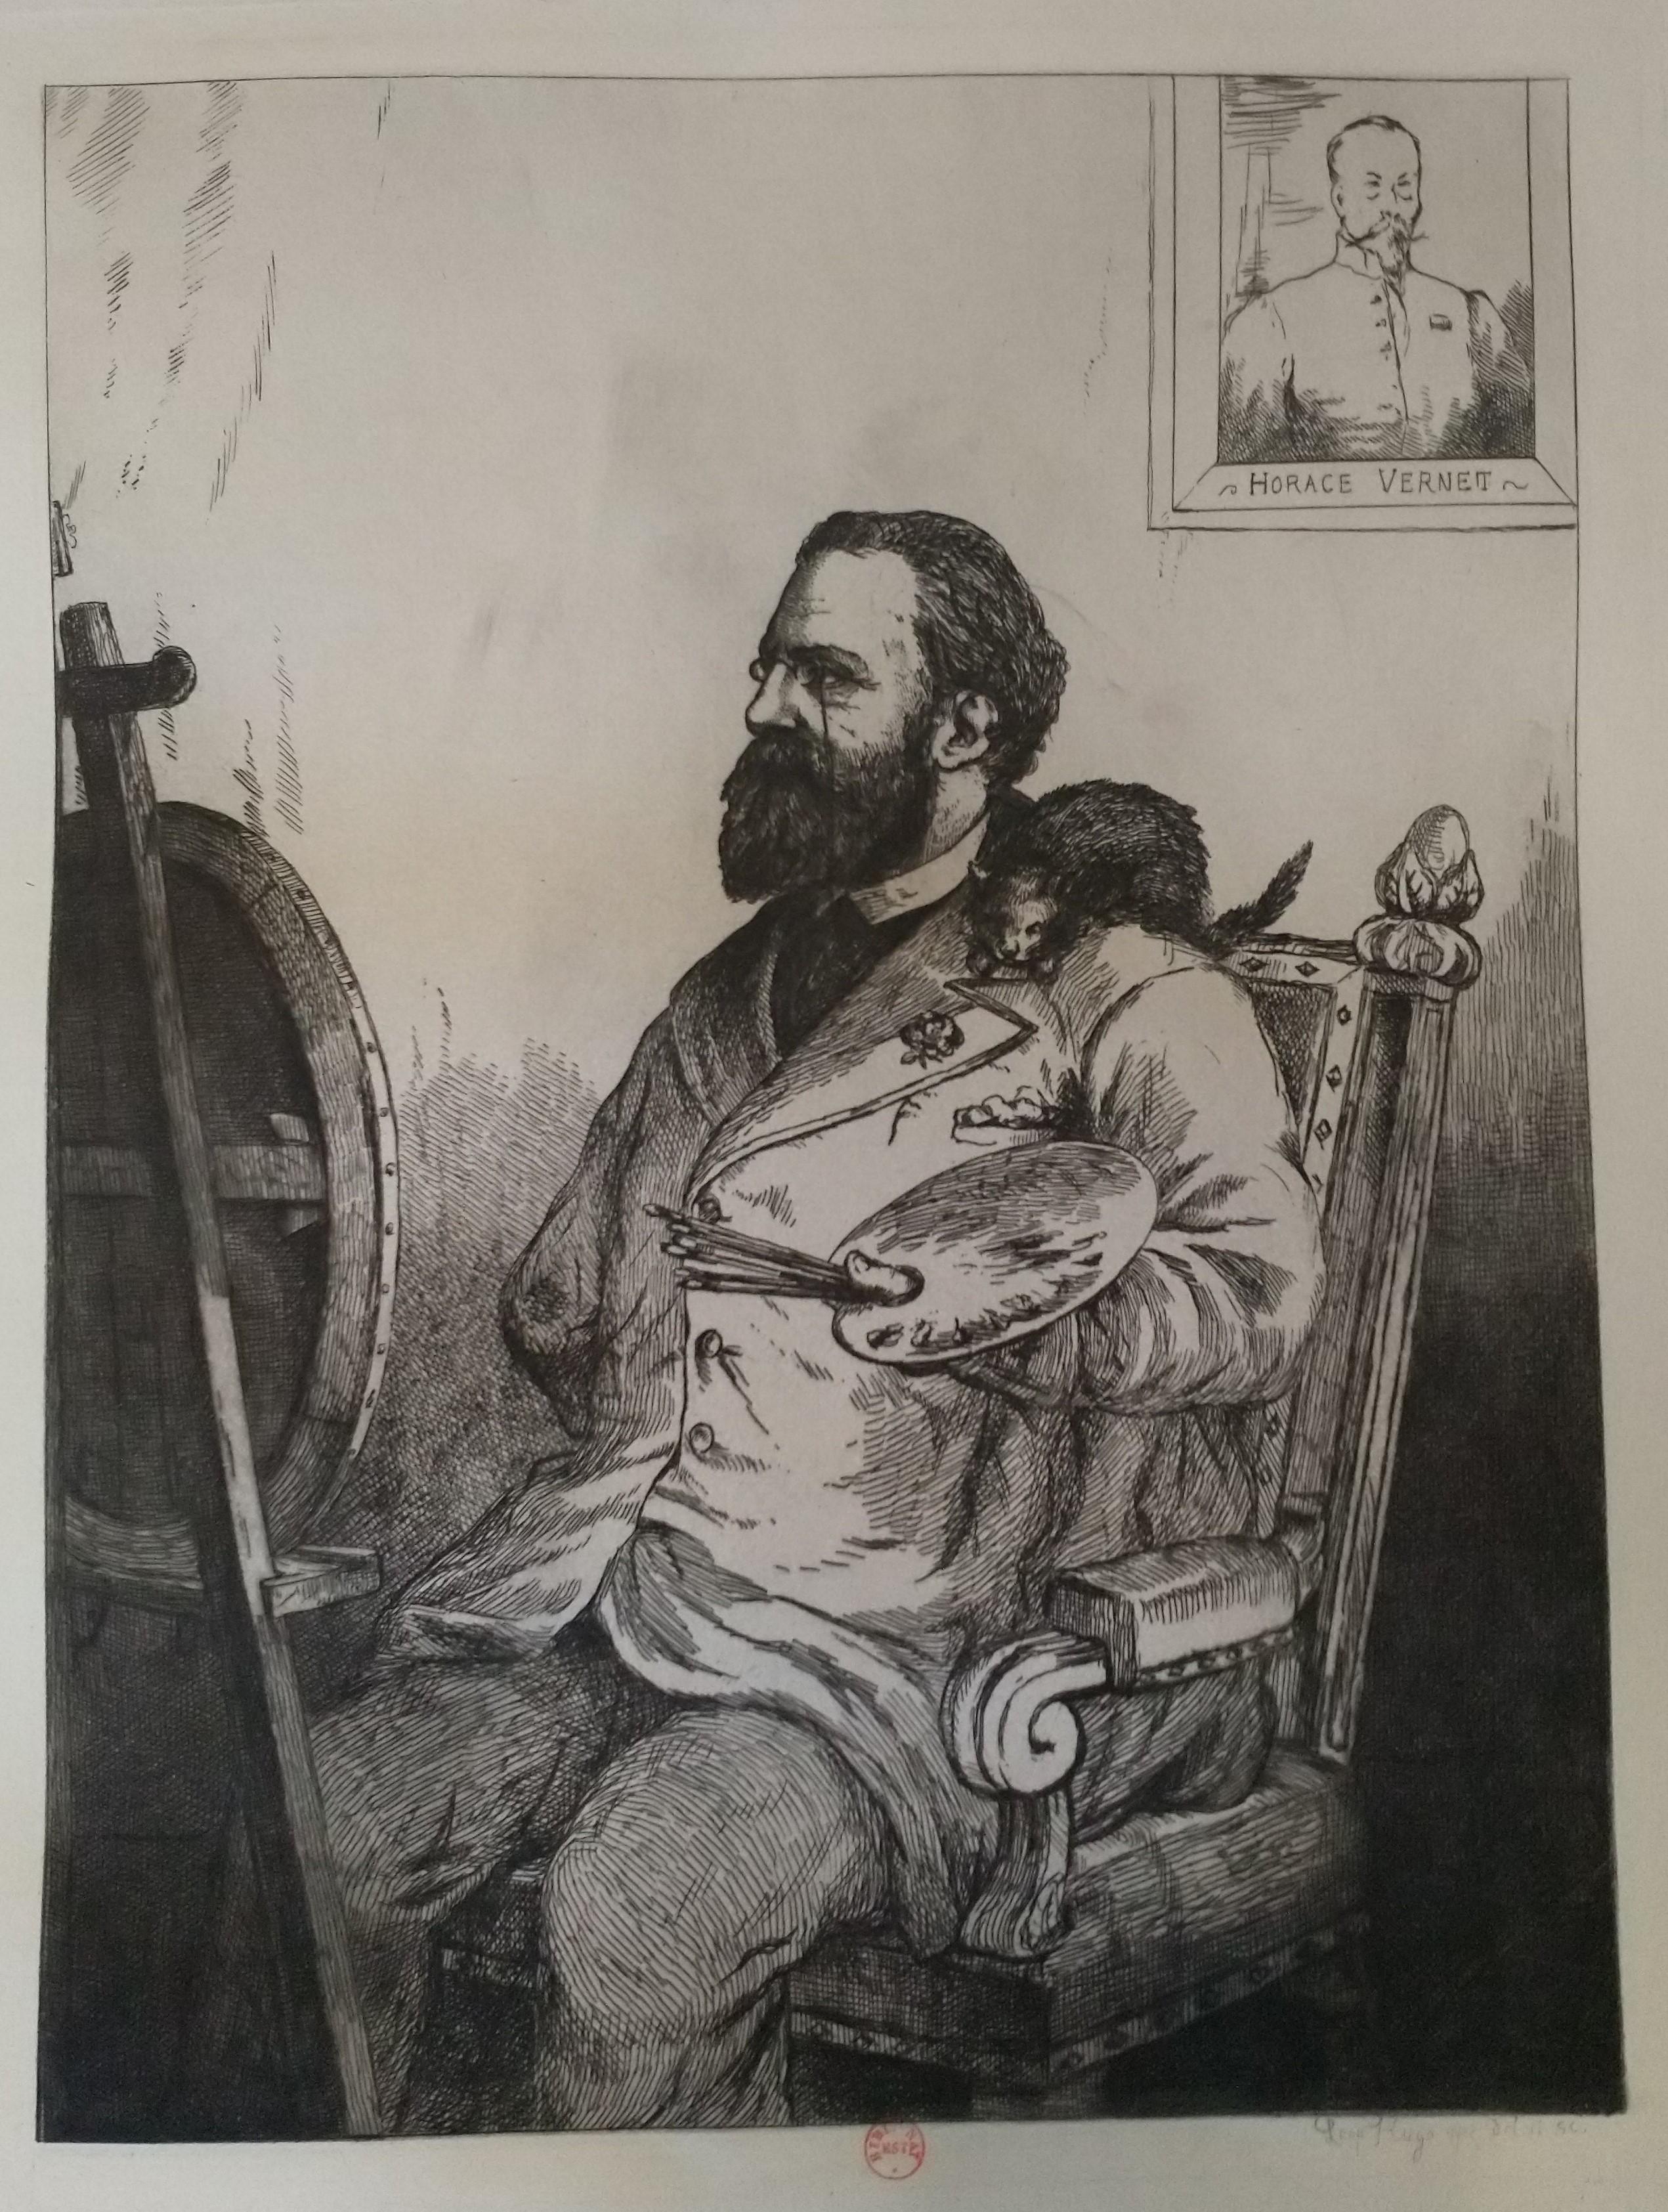 Leopold Armand Hugo BNF Autoportrait avec Horace Vernet